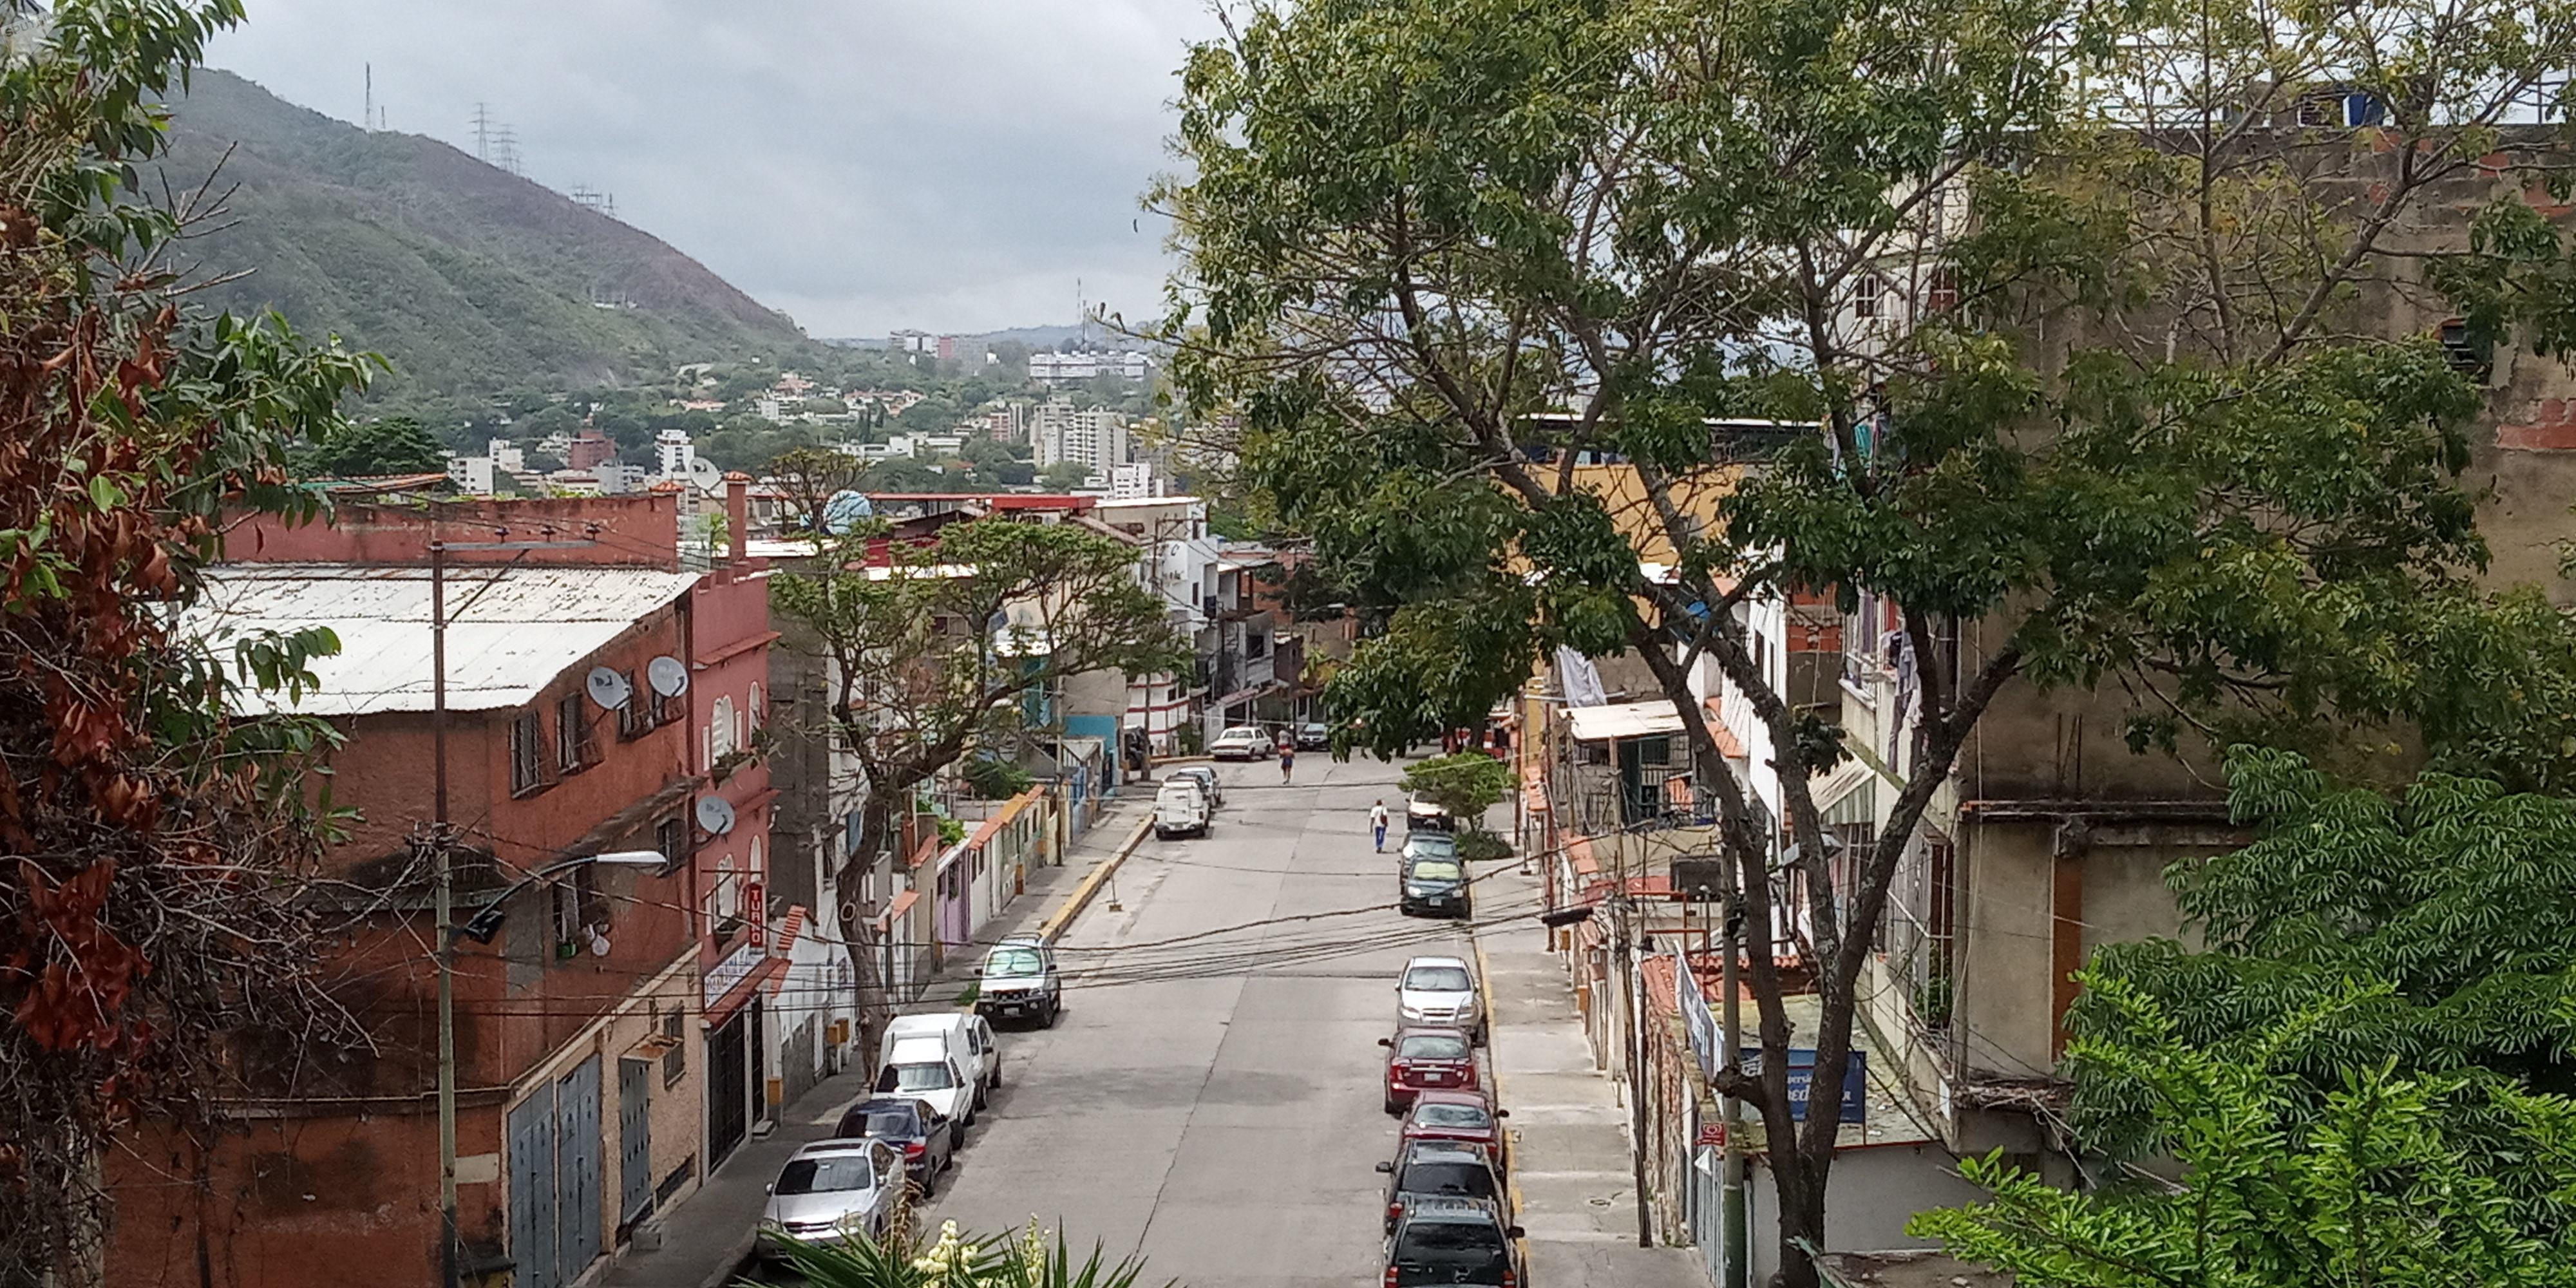 El deporte da perspectivas a la juventud venezolana, que crece en un contexto de fuerte recesión, debido en gran parte a la guerra económica librada desde EEUU